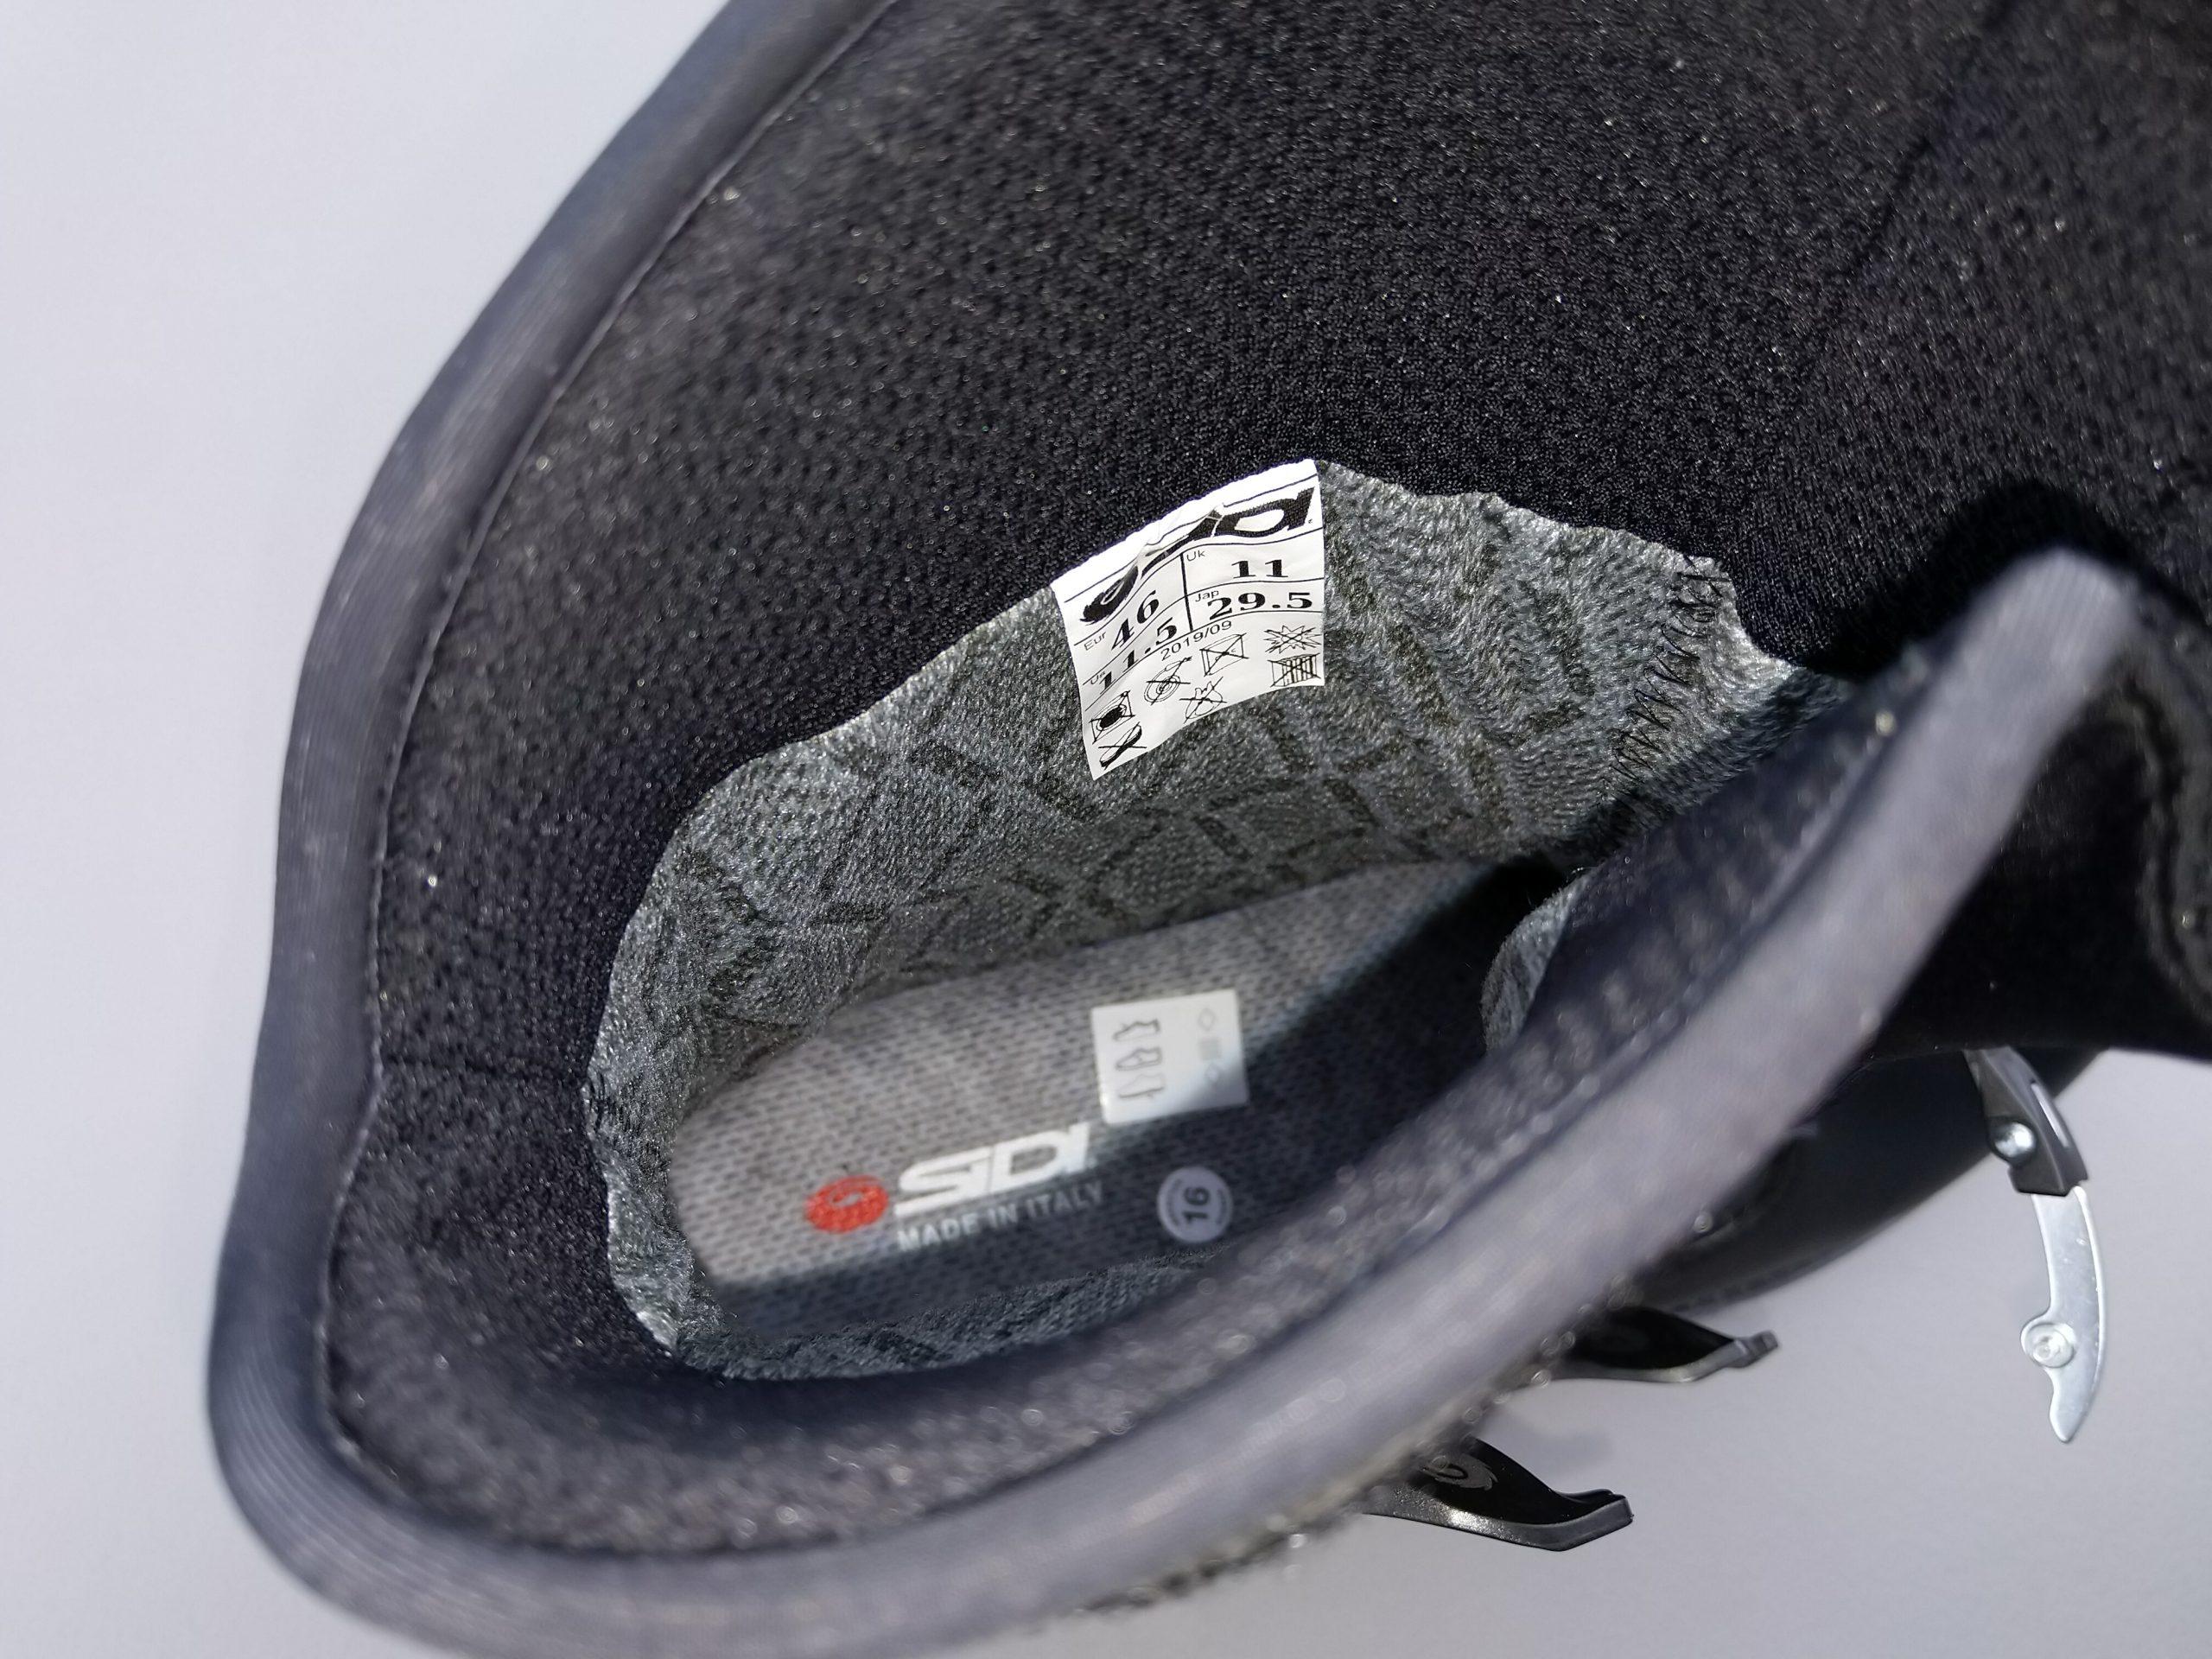 2020 SIDI Adventure 2 Gore-Tex Mid Boots interior membrane